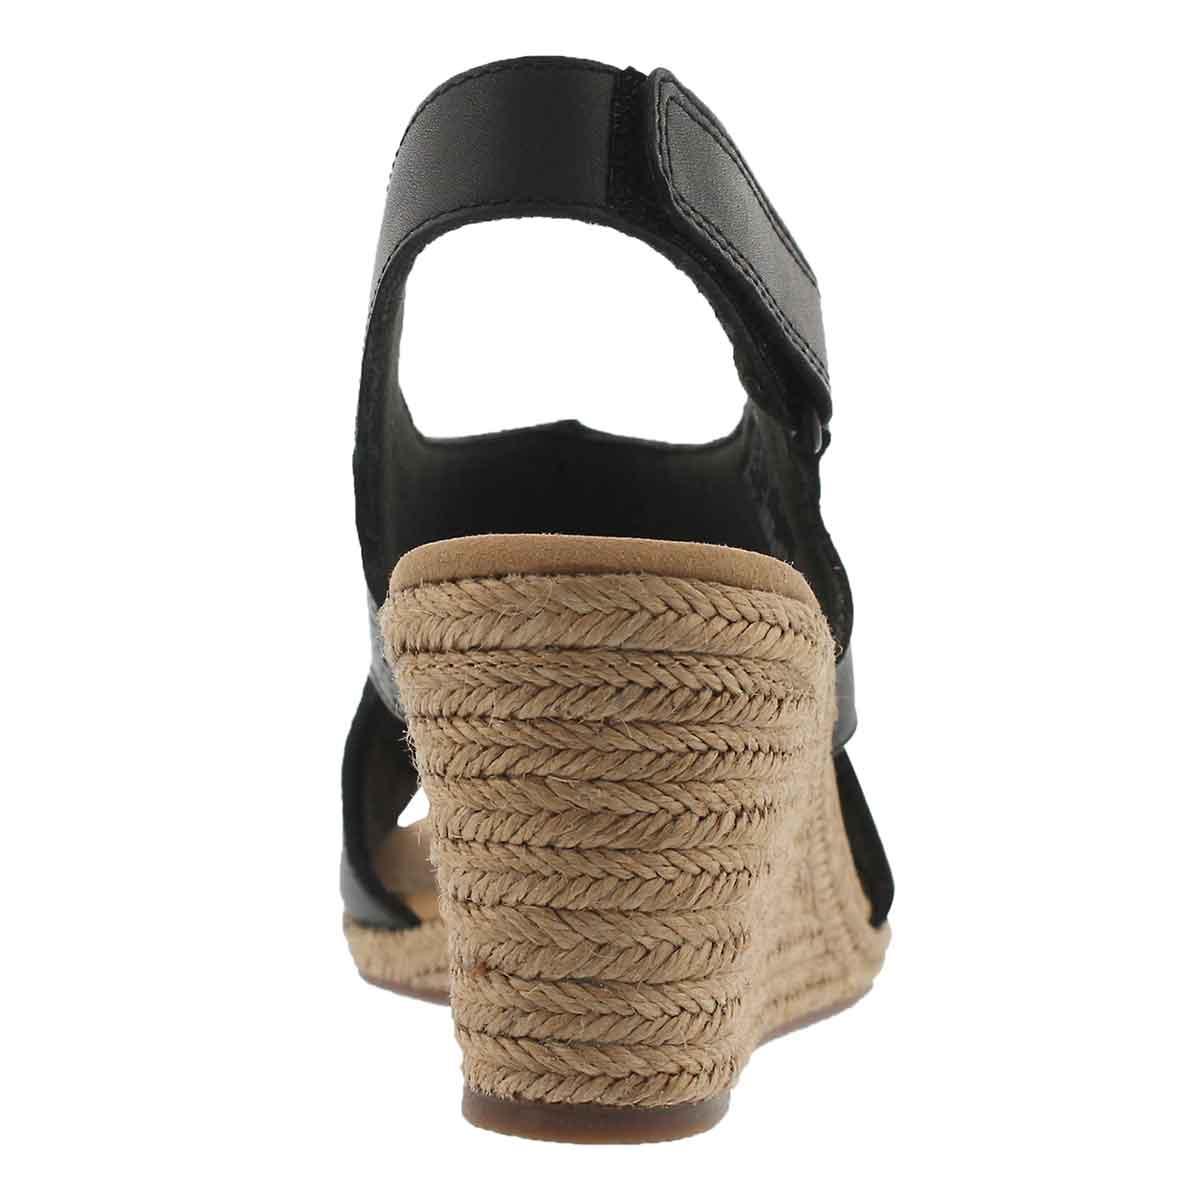 Lds Lafley Rosen black wedge sandal